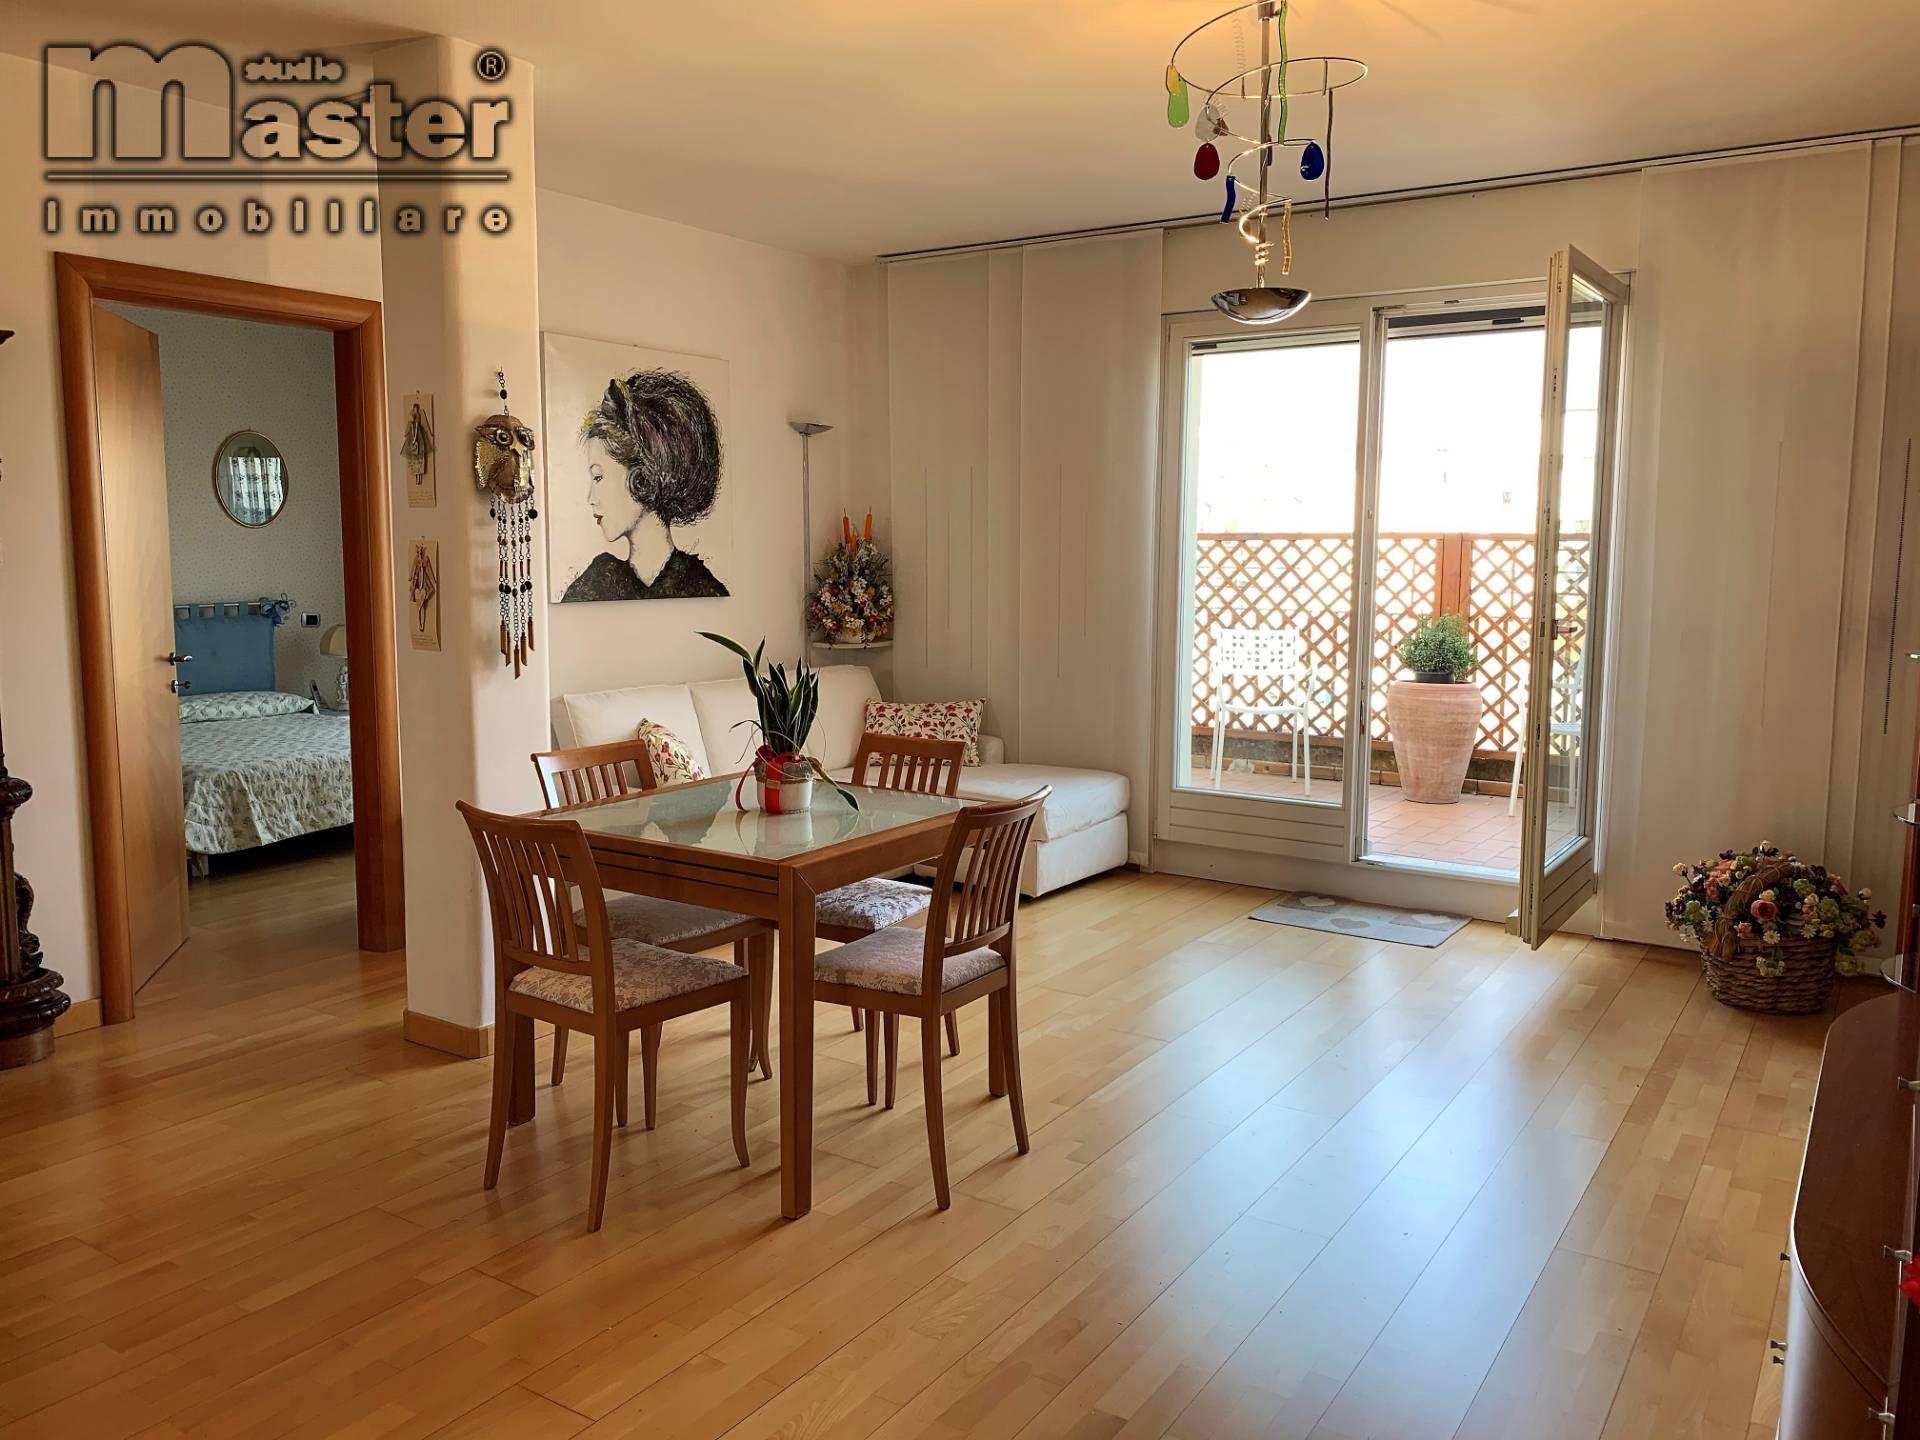 Appartamento in affitto a Treviso, 4 locali, zona Località: Centrostorico, prezzo € 1.200 | CambioCasa.it